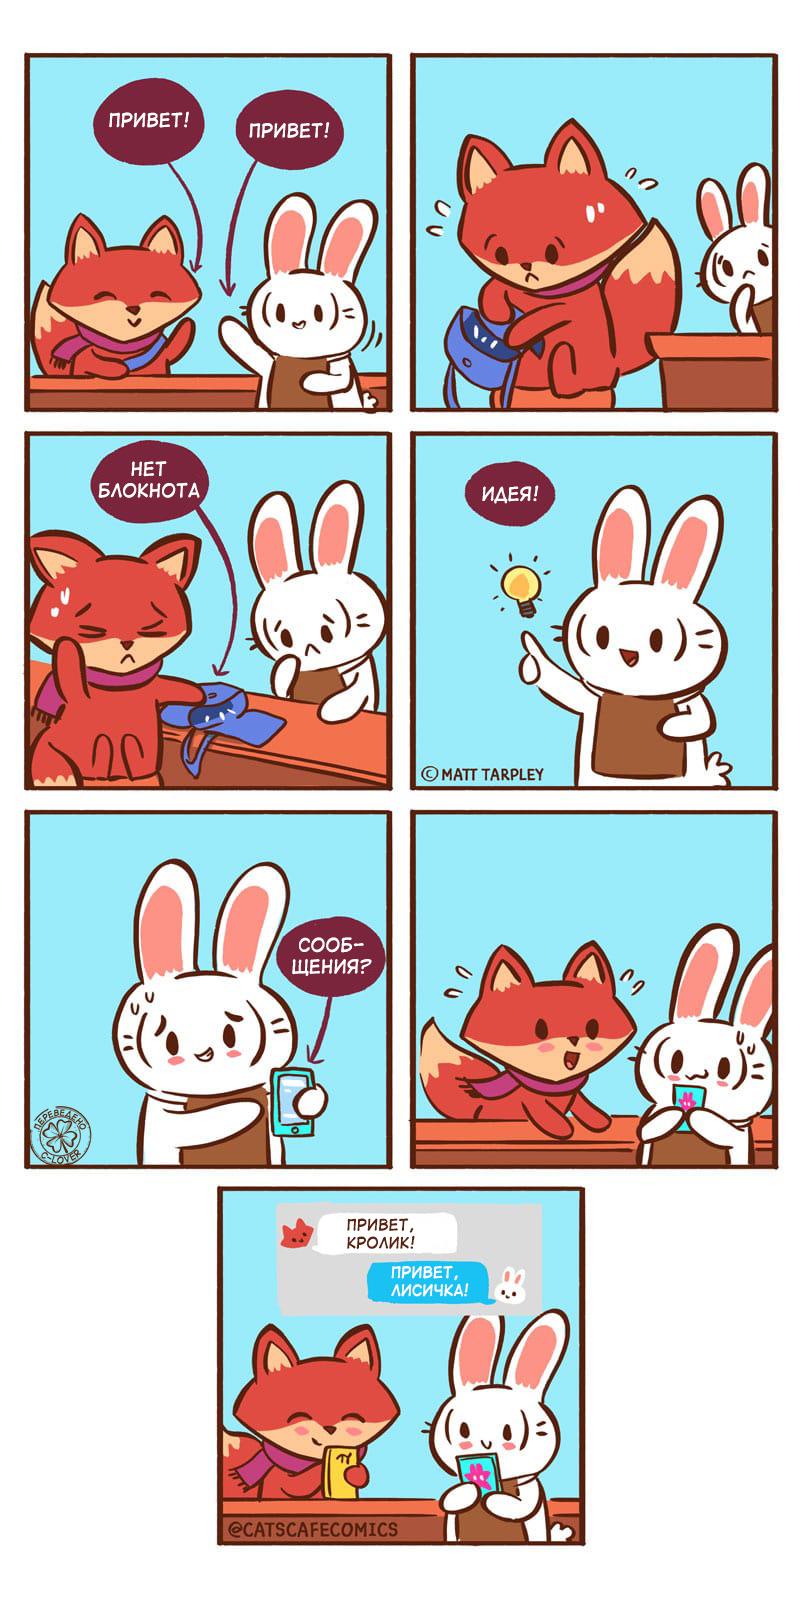 Глухонемая лисичка и кролик